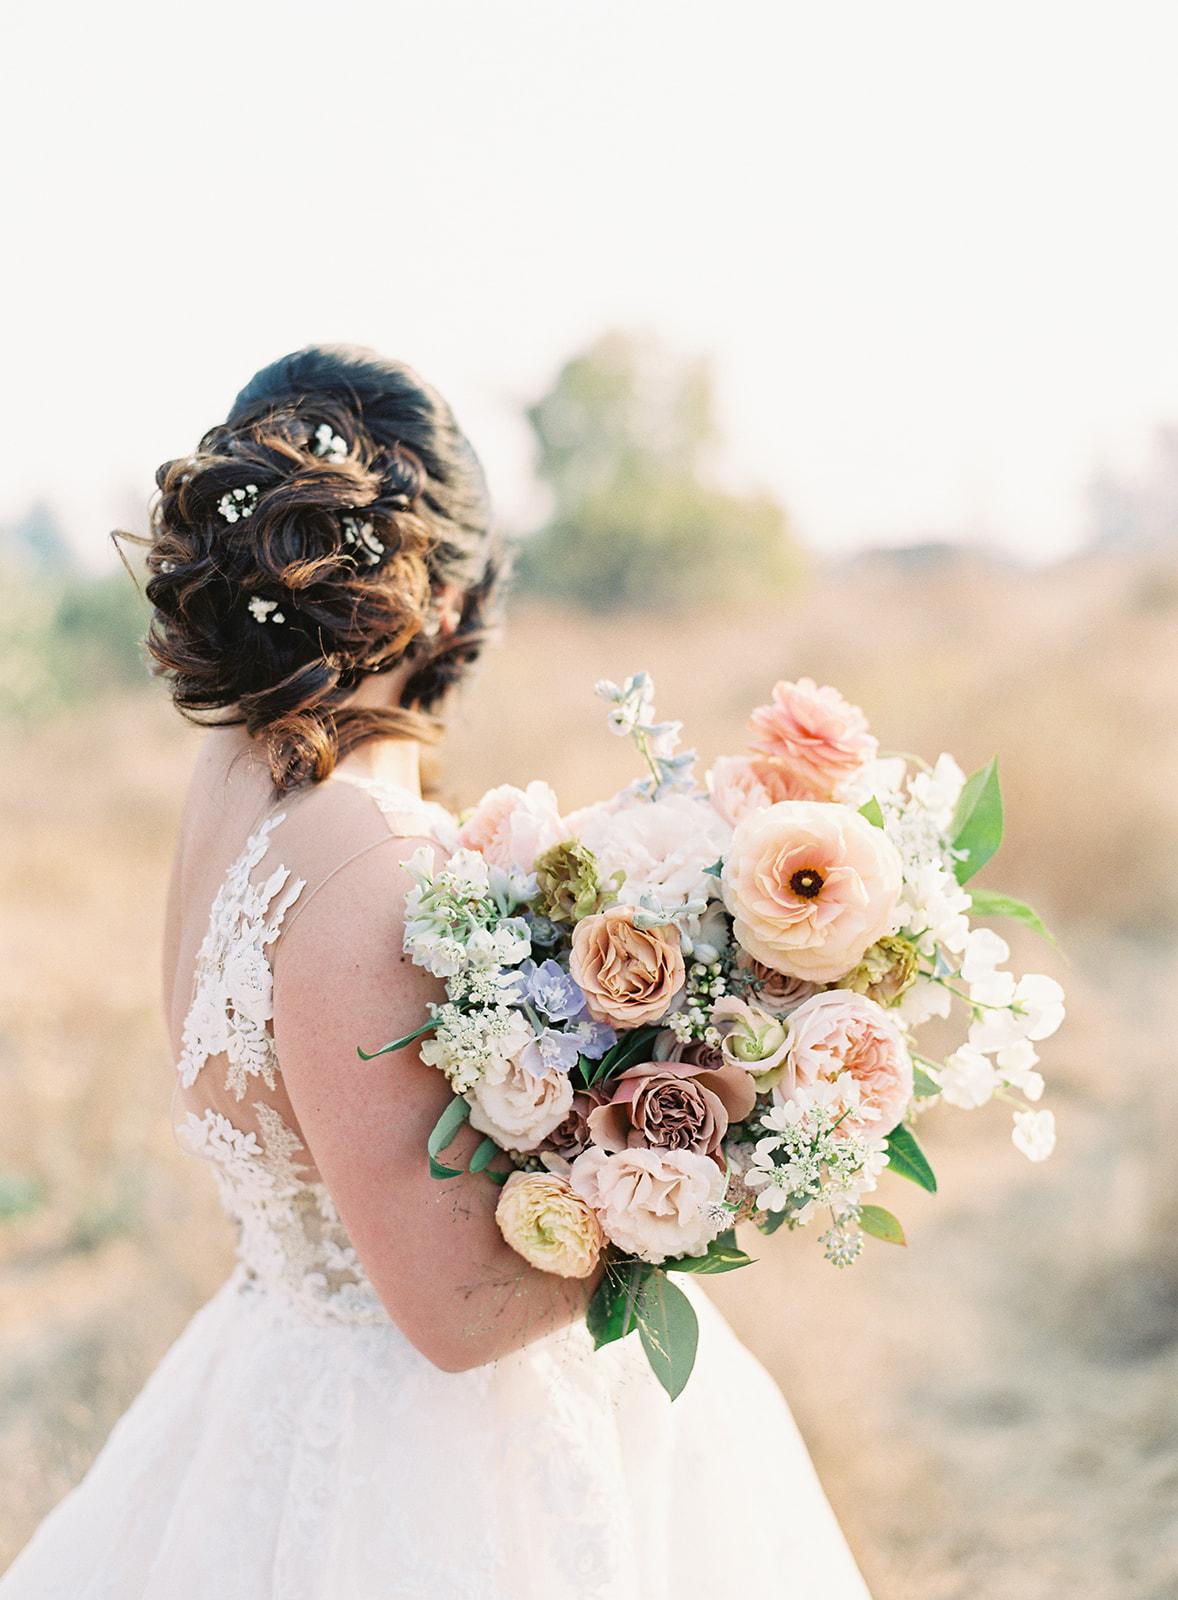 NathalieChengPhotography_AiahMichael_Wedding_231.jpg